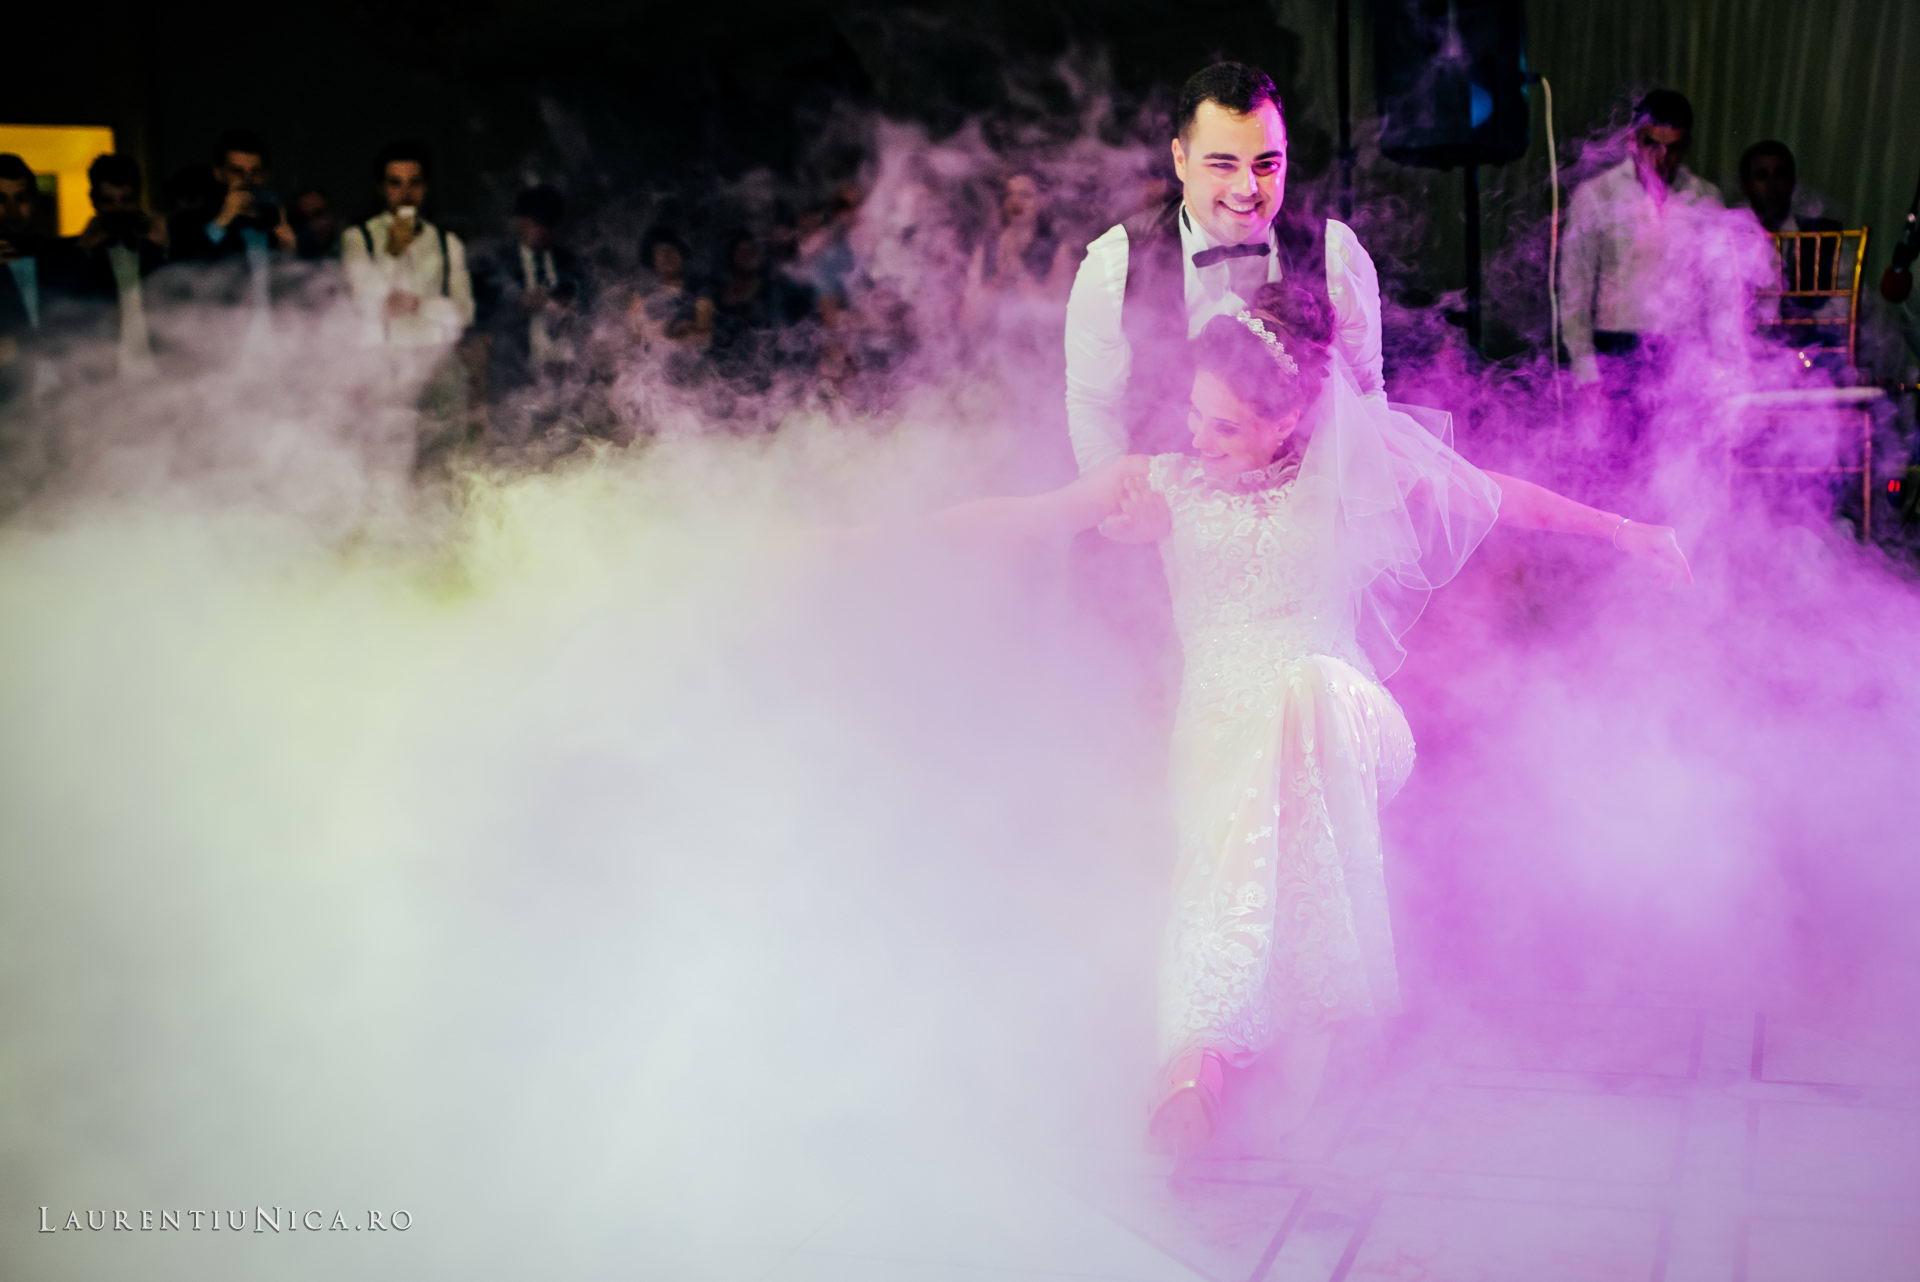 denisa si catalin fotograf nunta laurentiu nica craiova 69 - Denisa si Catalin | Fotografii nunta | Craiova